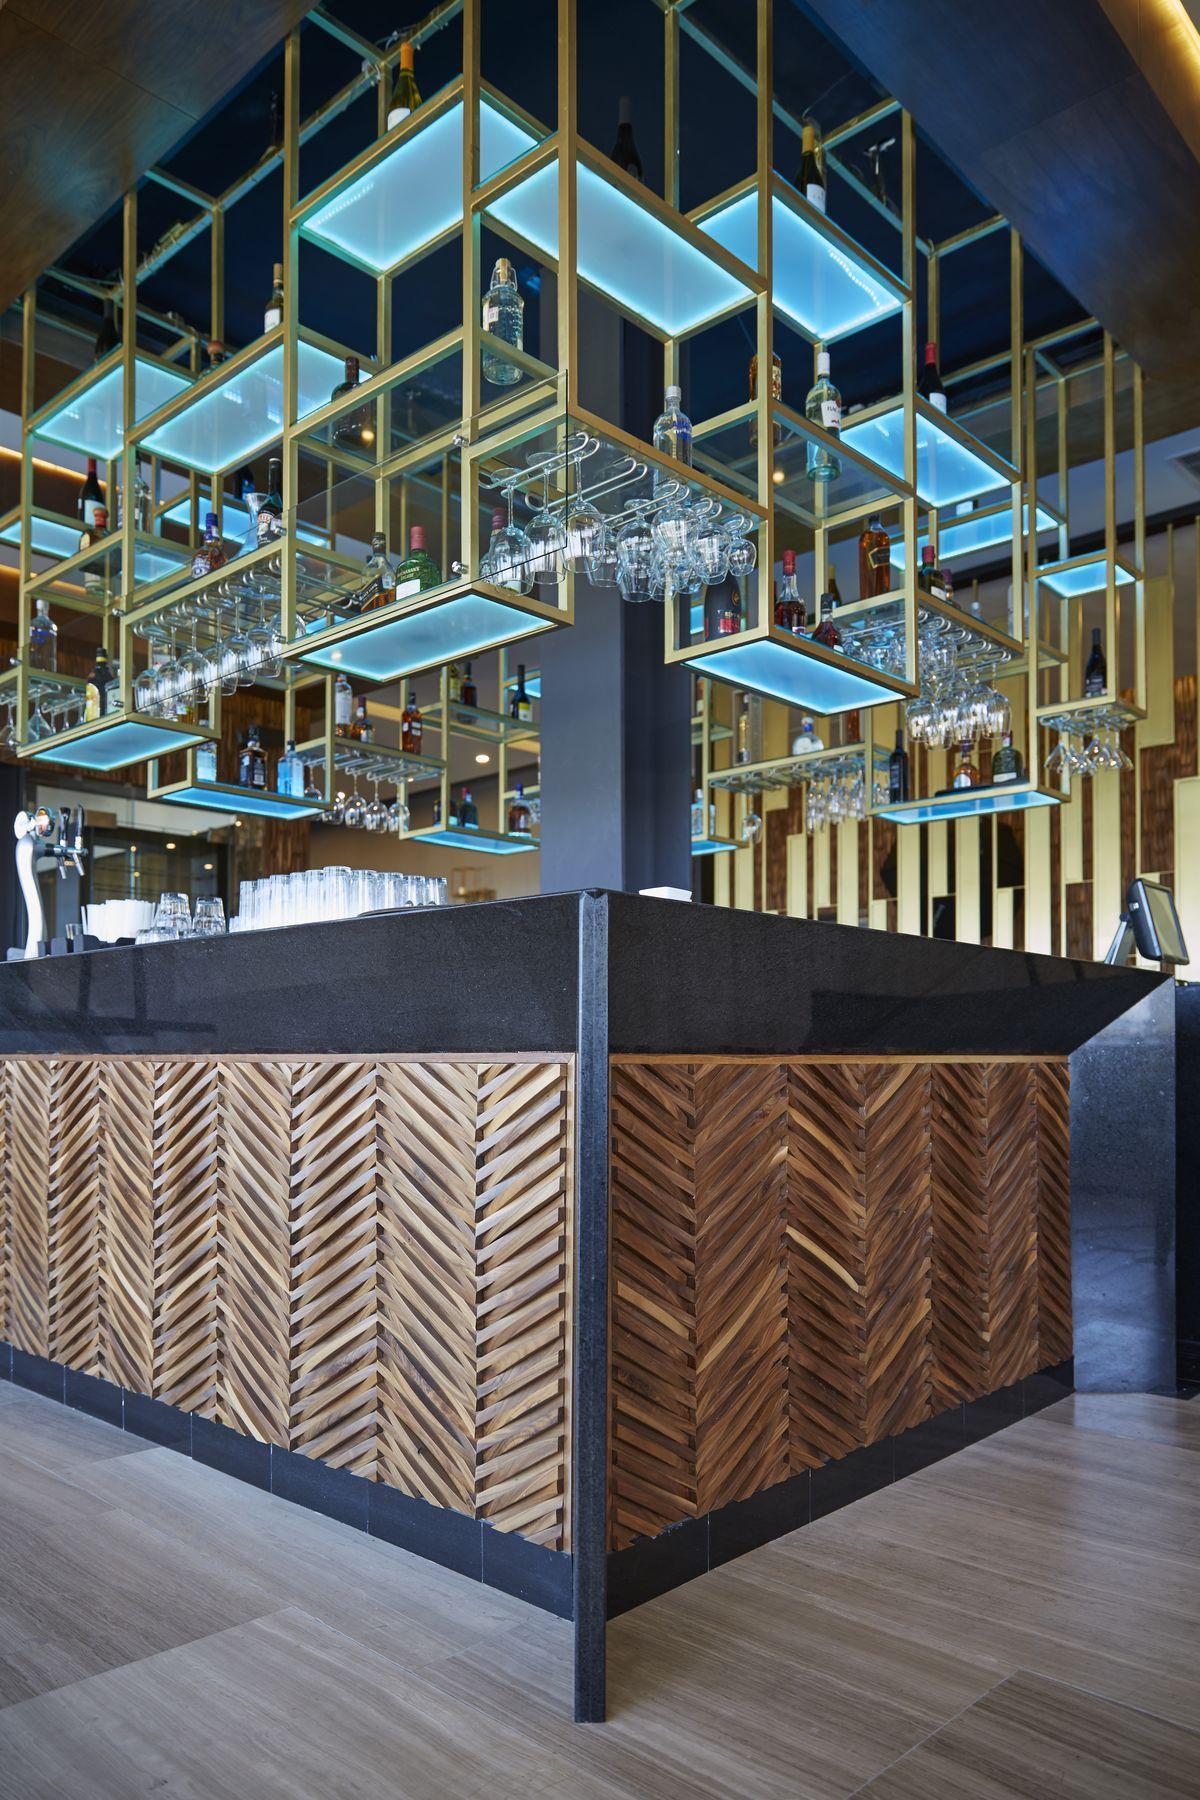 pin von ekaterina nazarova auf hotel bars clubs pinterest ladenbau theken und hausbars. Black Bedroom Furniture Sets. Home Design Ideas